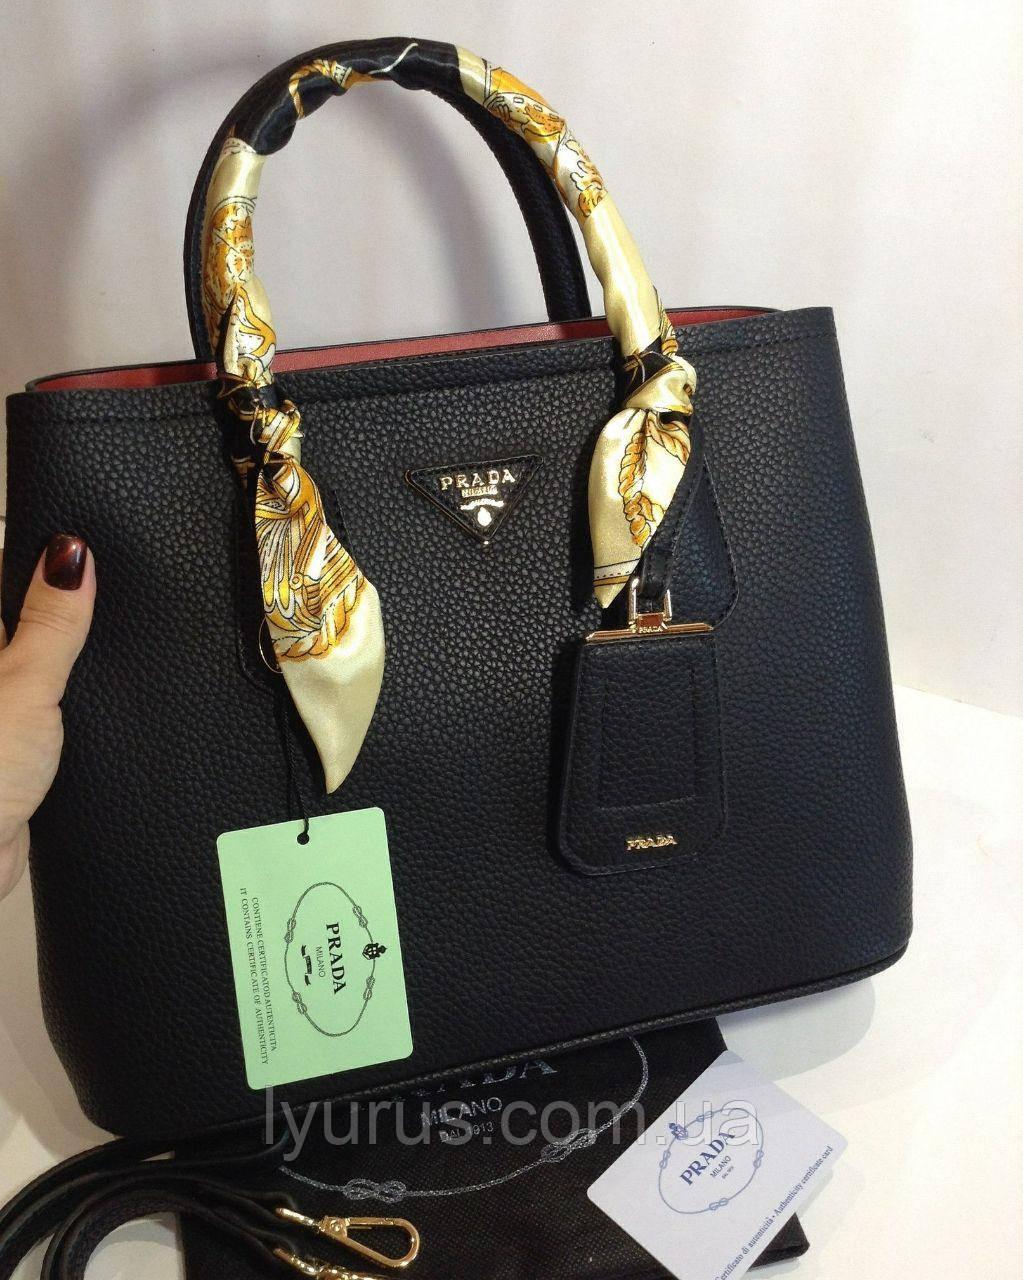 d193b7ac24c9 Женская сумка Prada модель Double : продажа, цена в Полтаве. женские ...